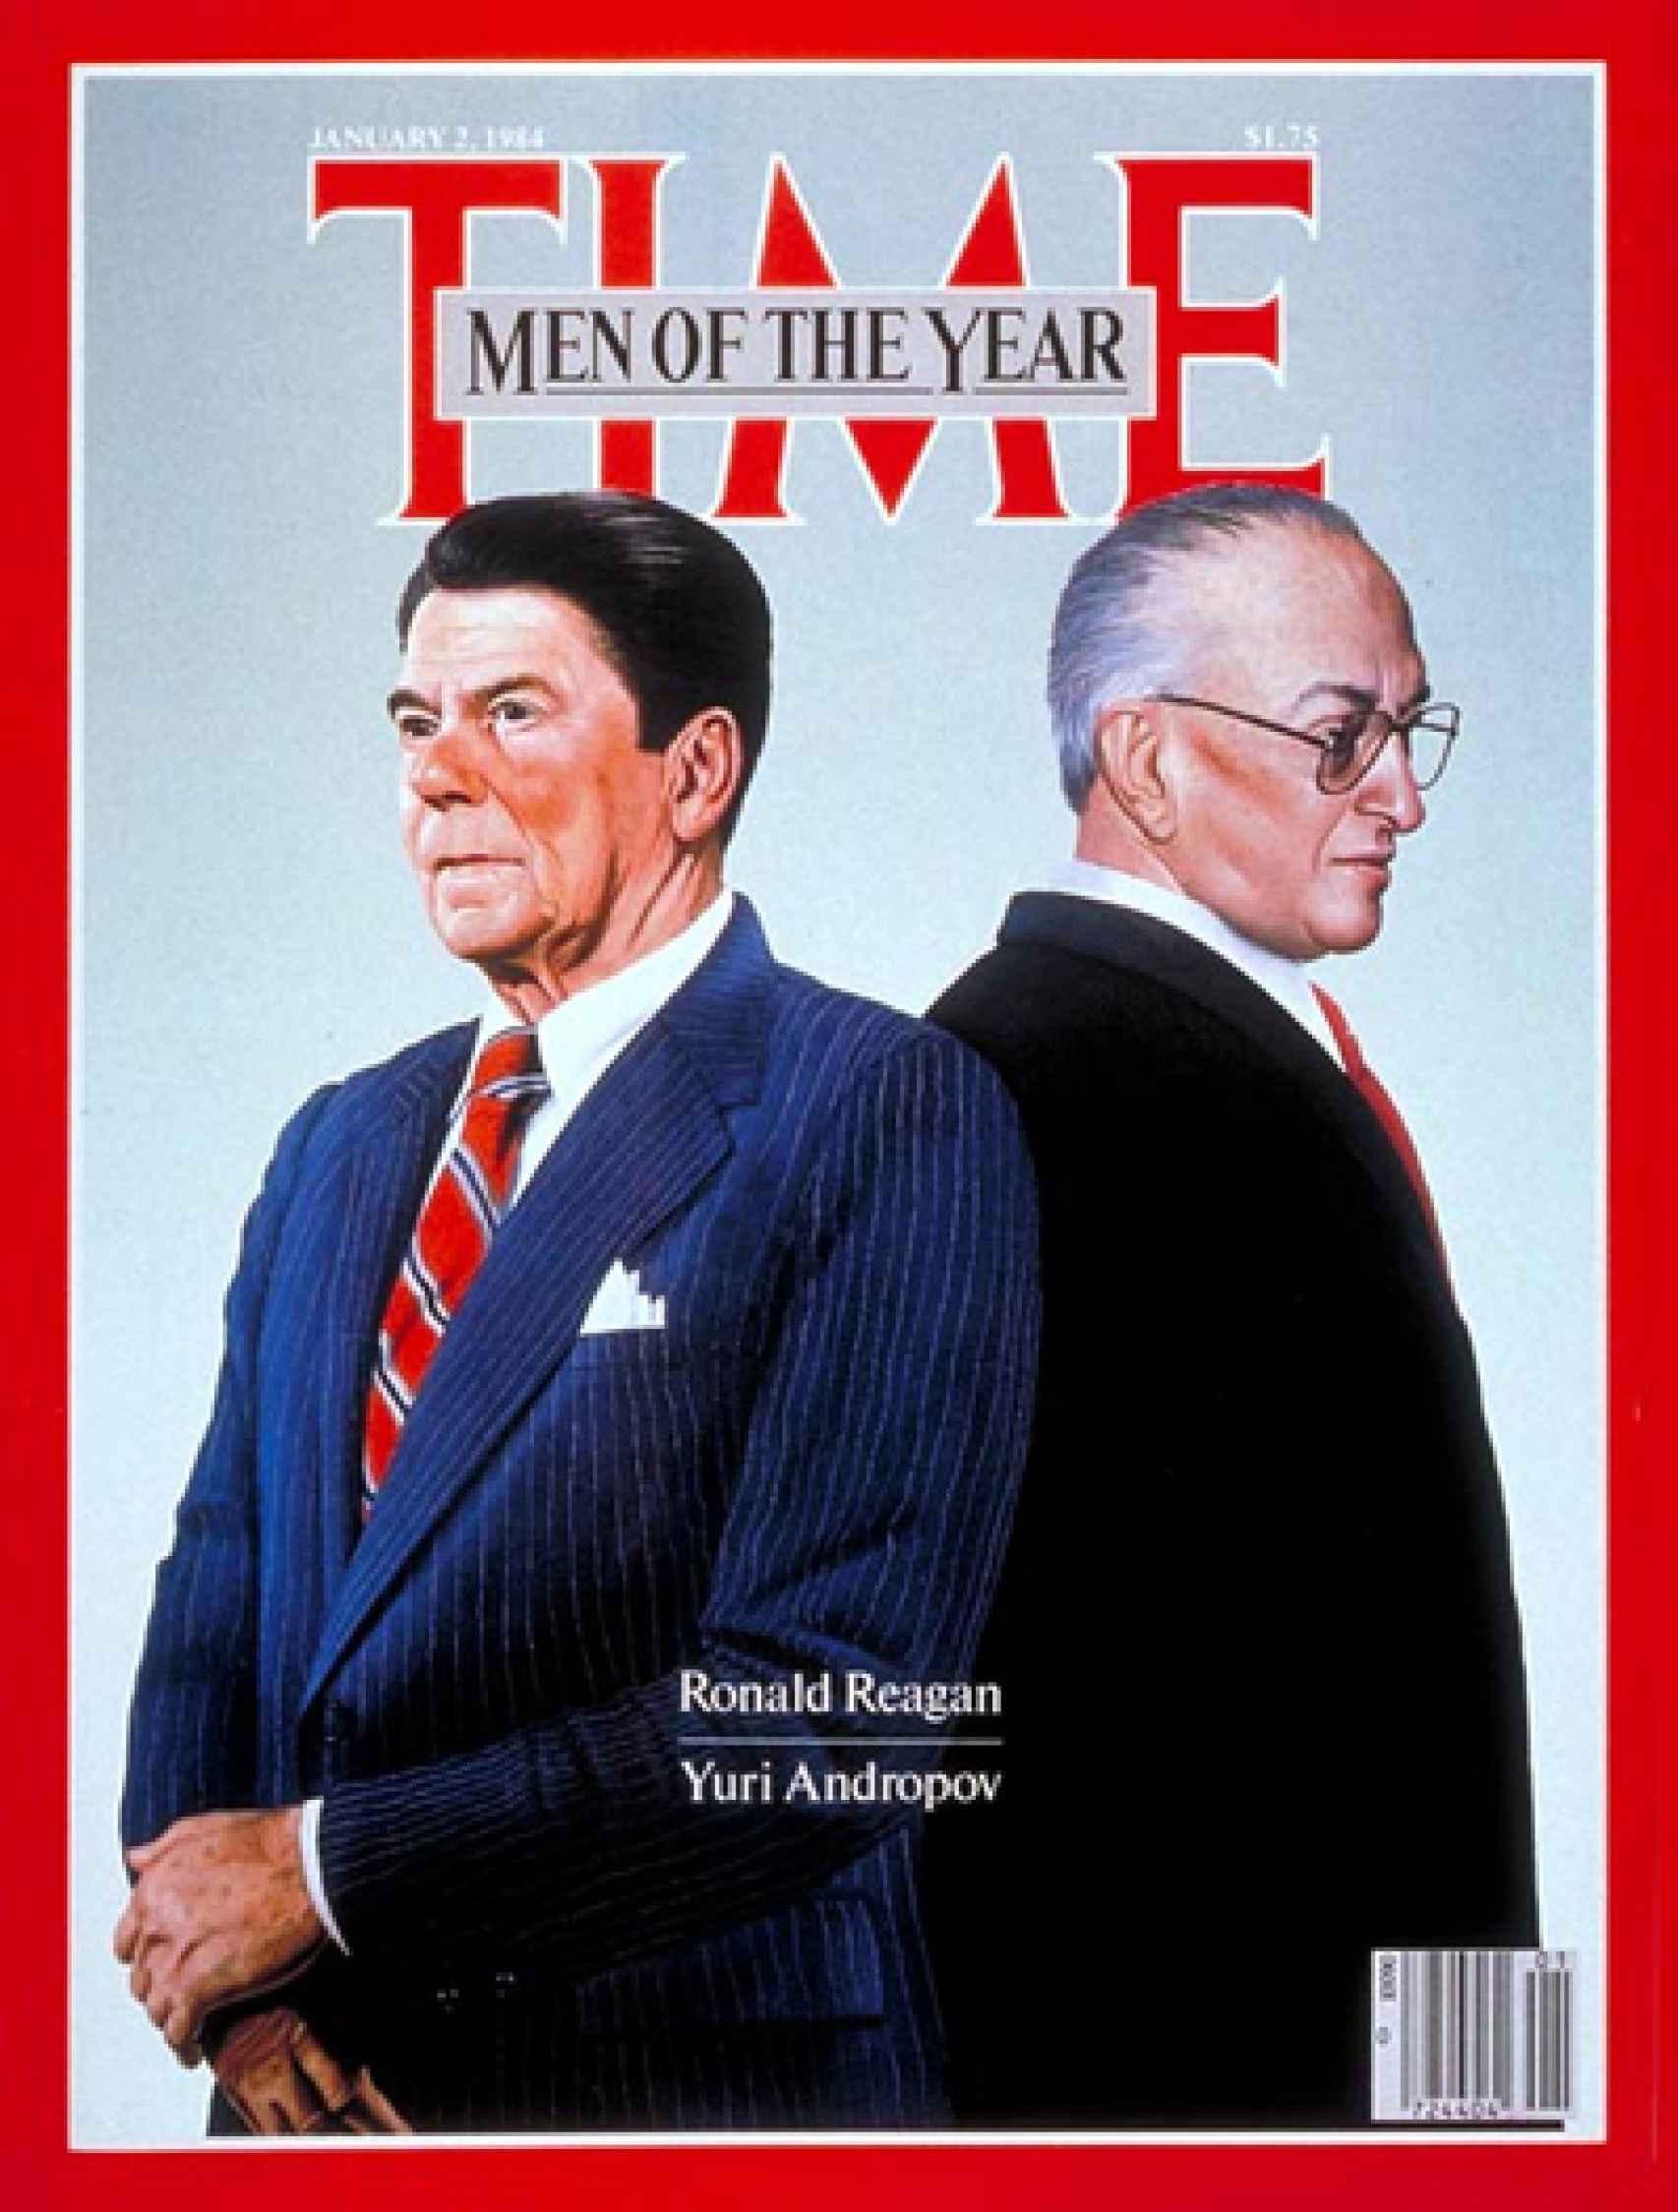 Primer ejemplar de 'Time' en 1984, con Ronald Reagan y Yuri Andropov en portada.